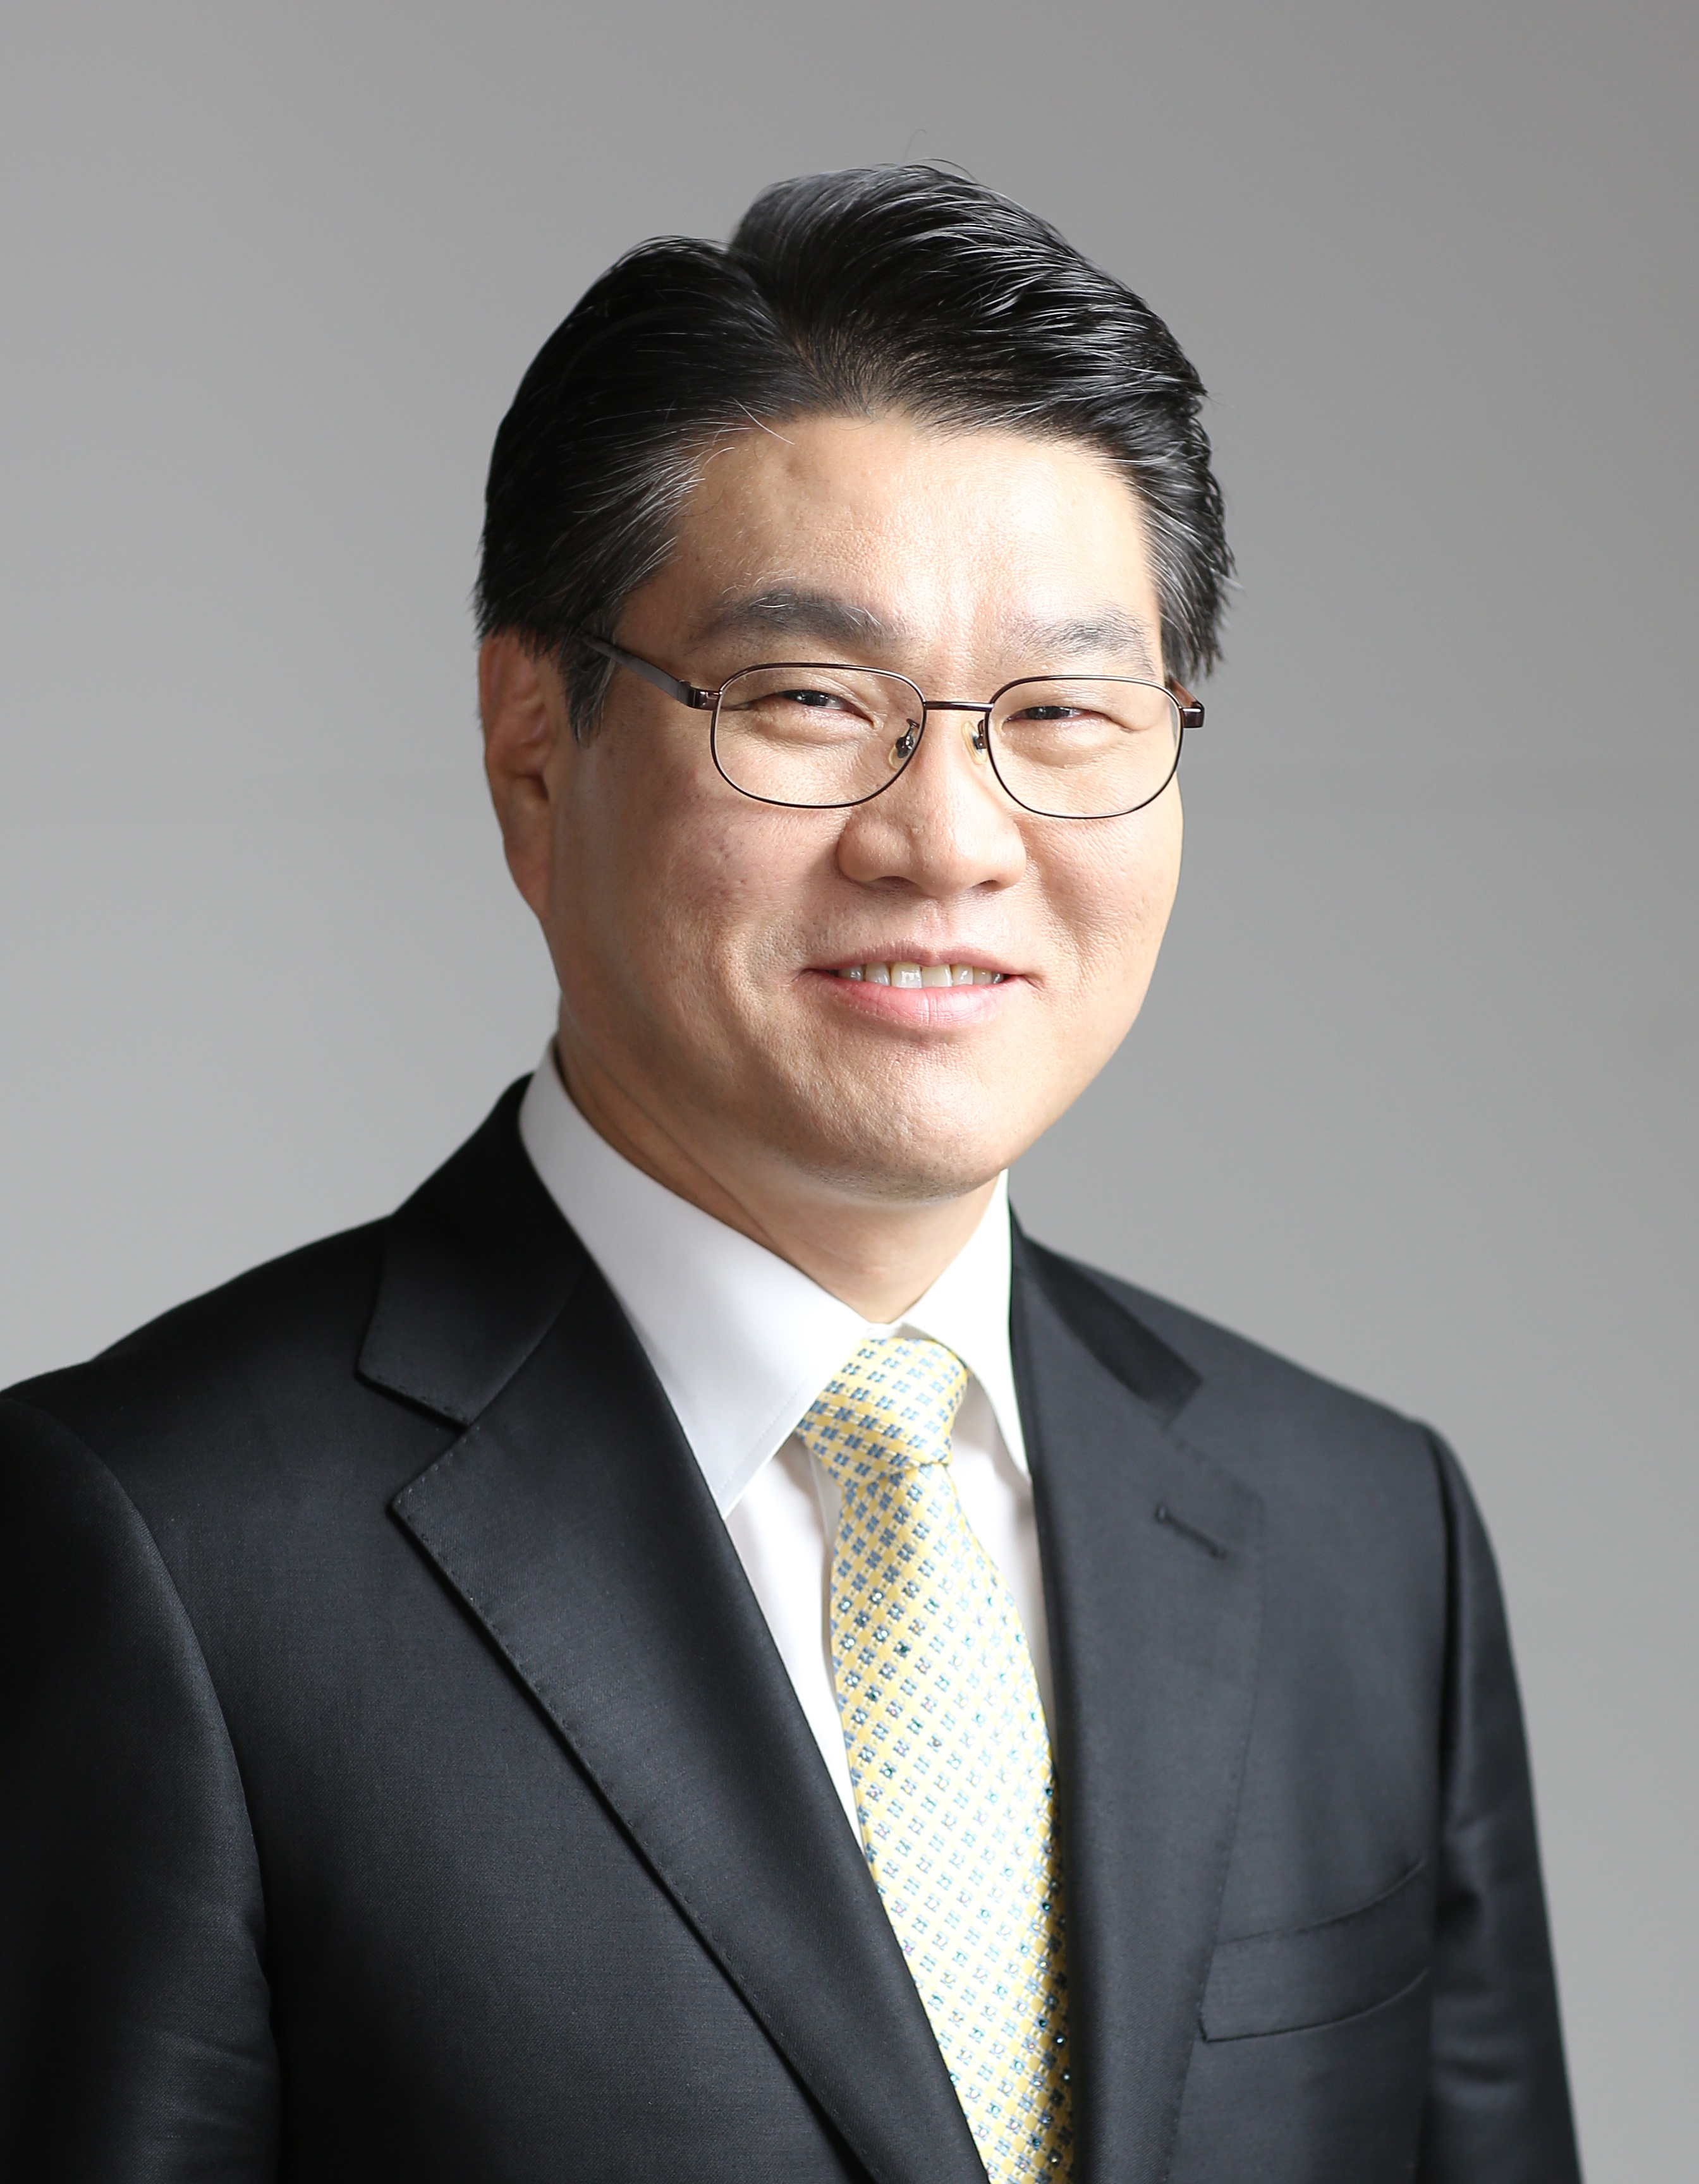 박석진 목사